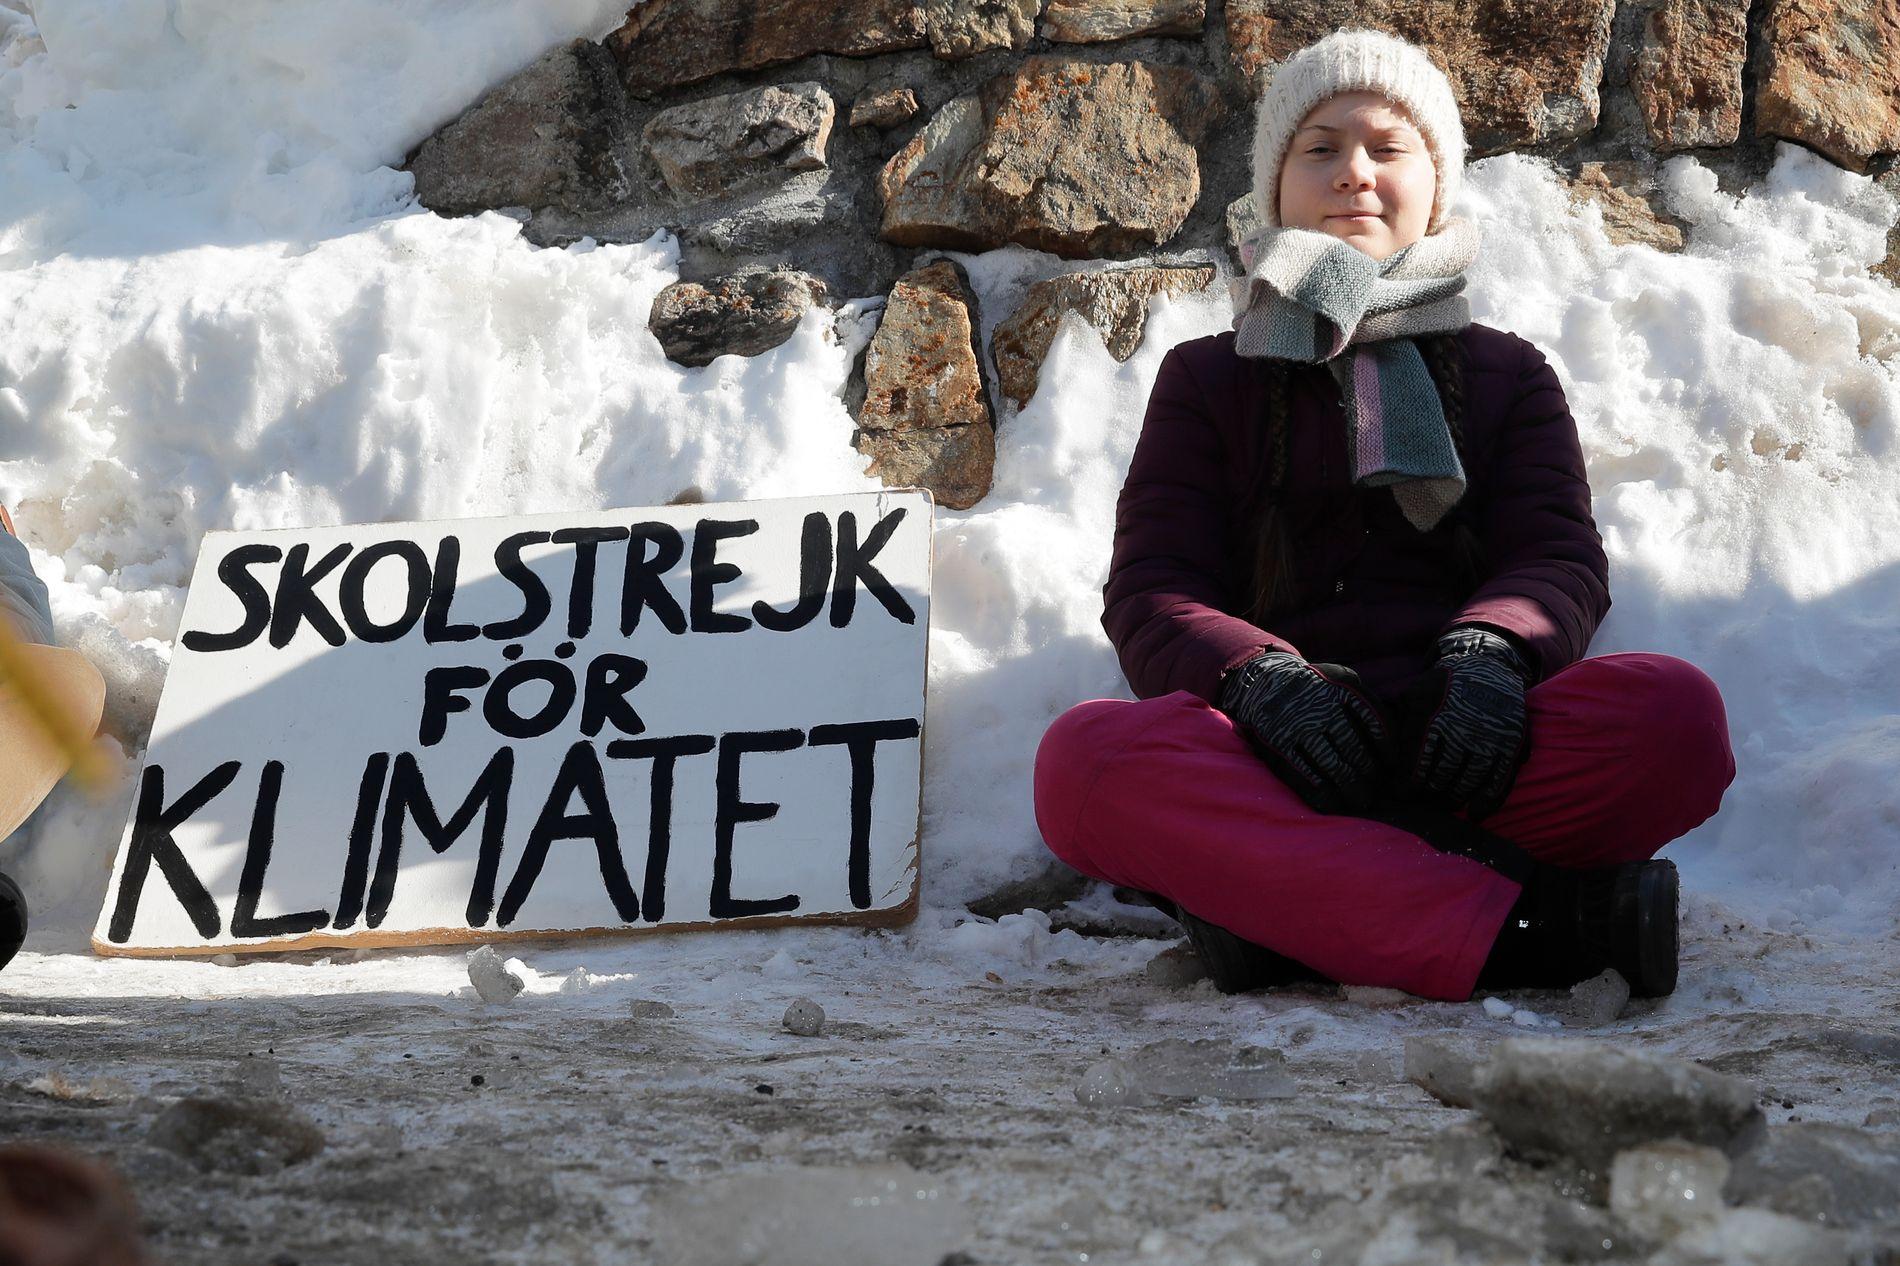 STREIK: Svenske Greta Thunberg har streiket siden august, i protest mot manglende handling i klimakampen. Hennes streik har inspirert elever rundt om i verden til å streike og demonstrere.